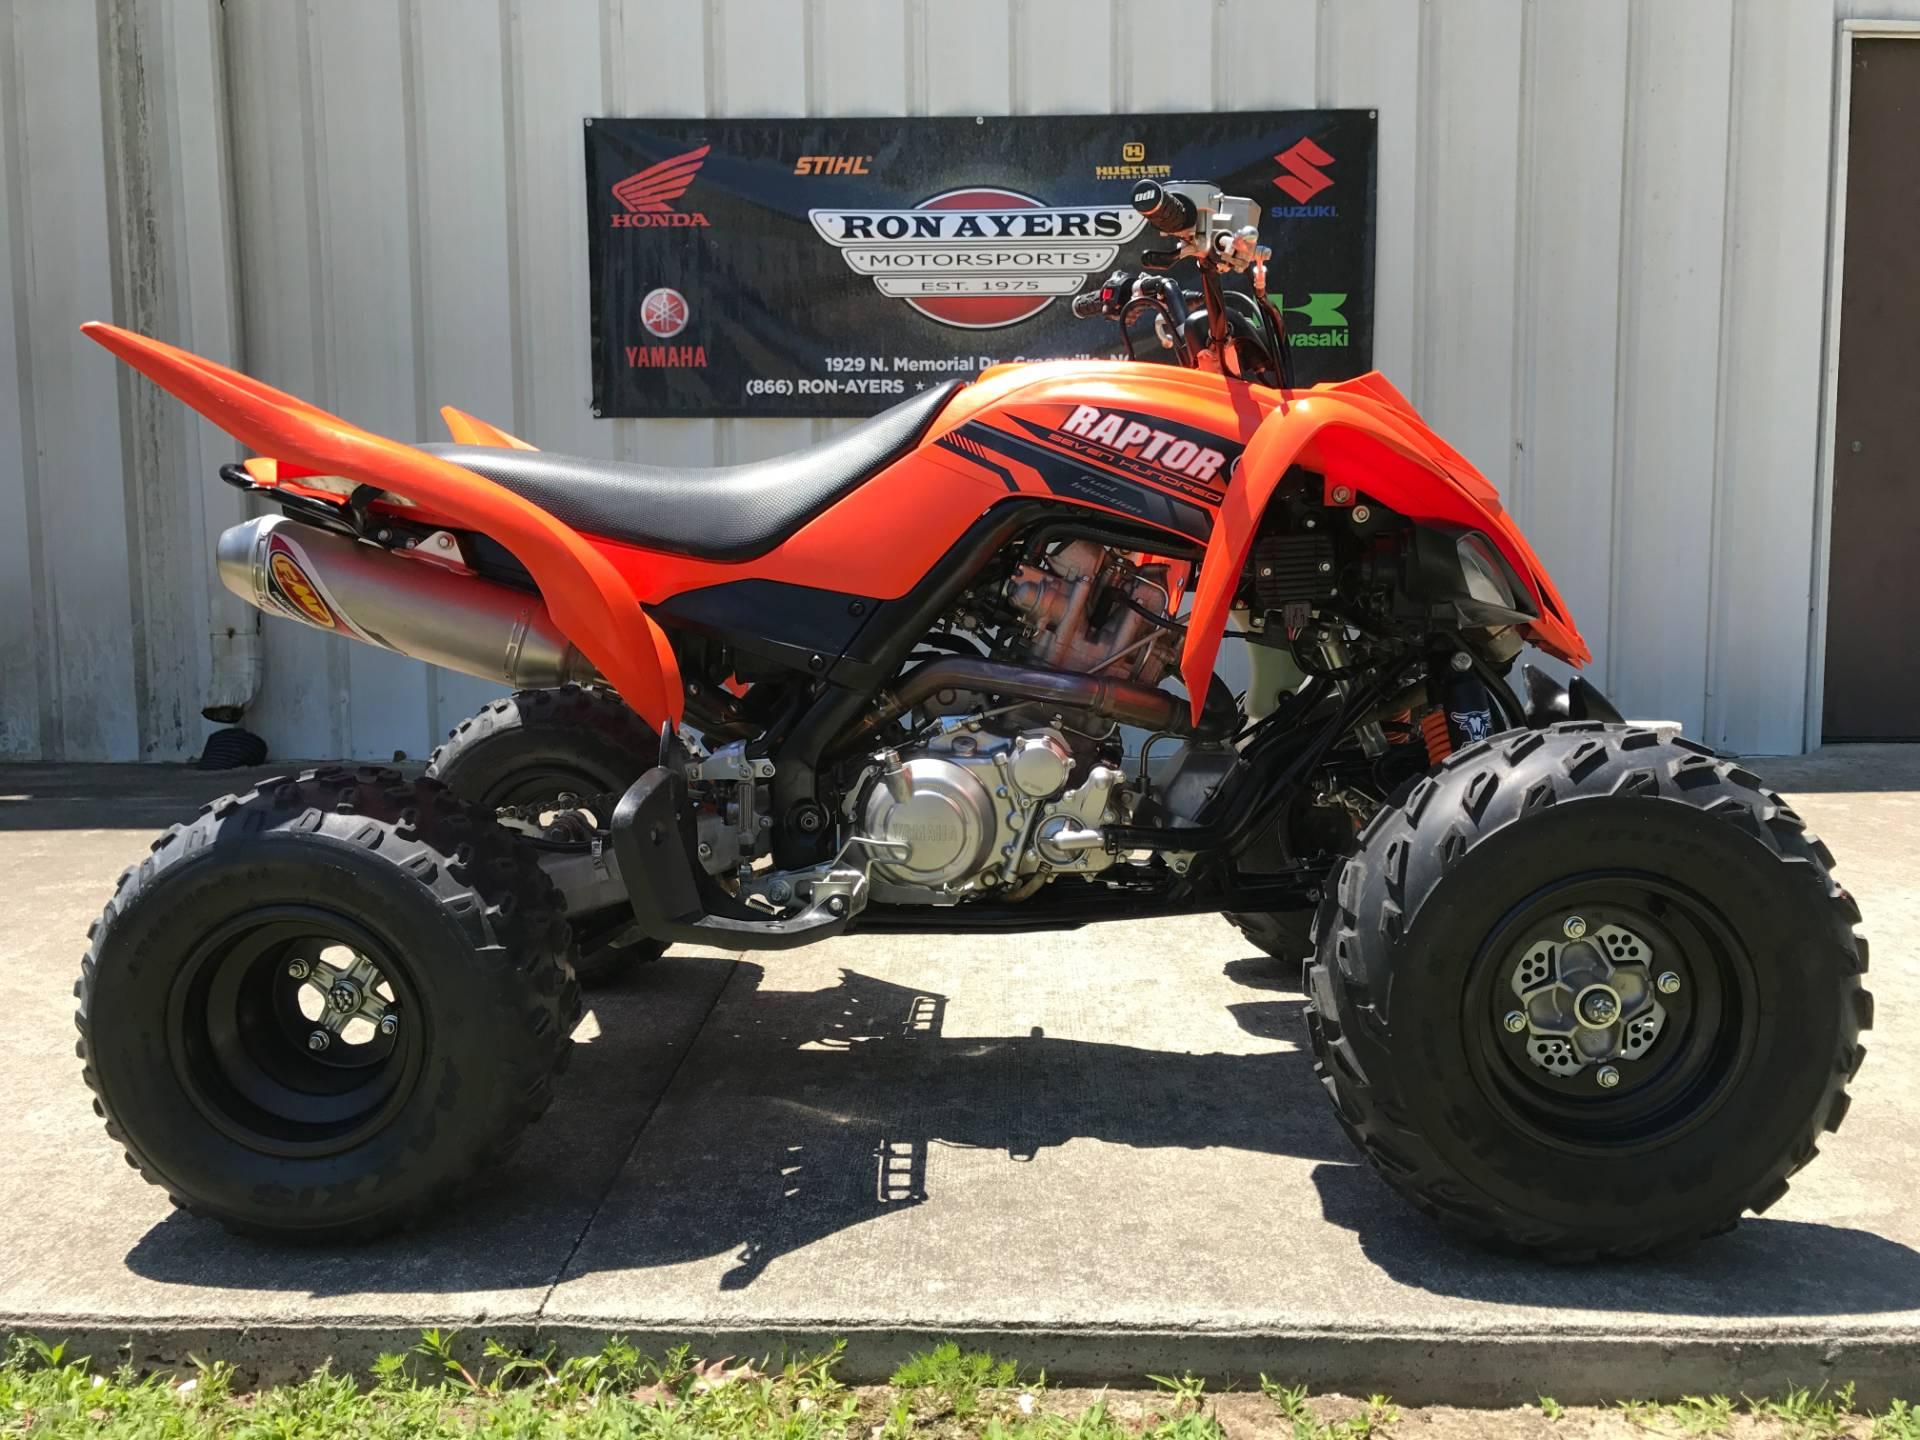 2017 Yamaha Raptor 700 1